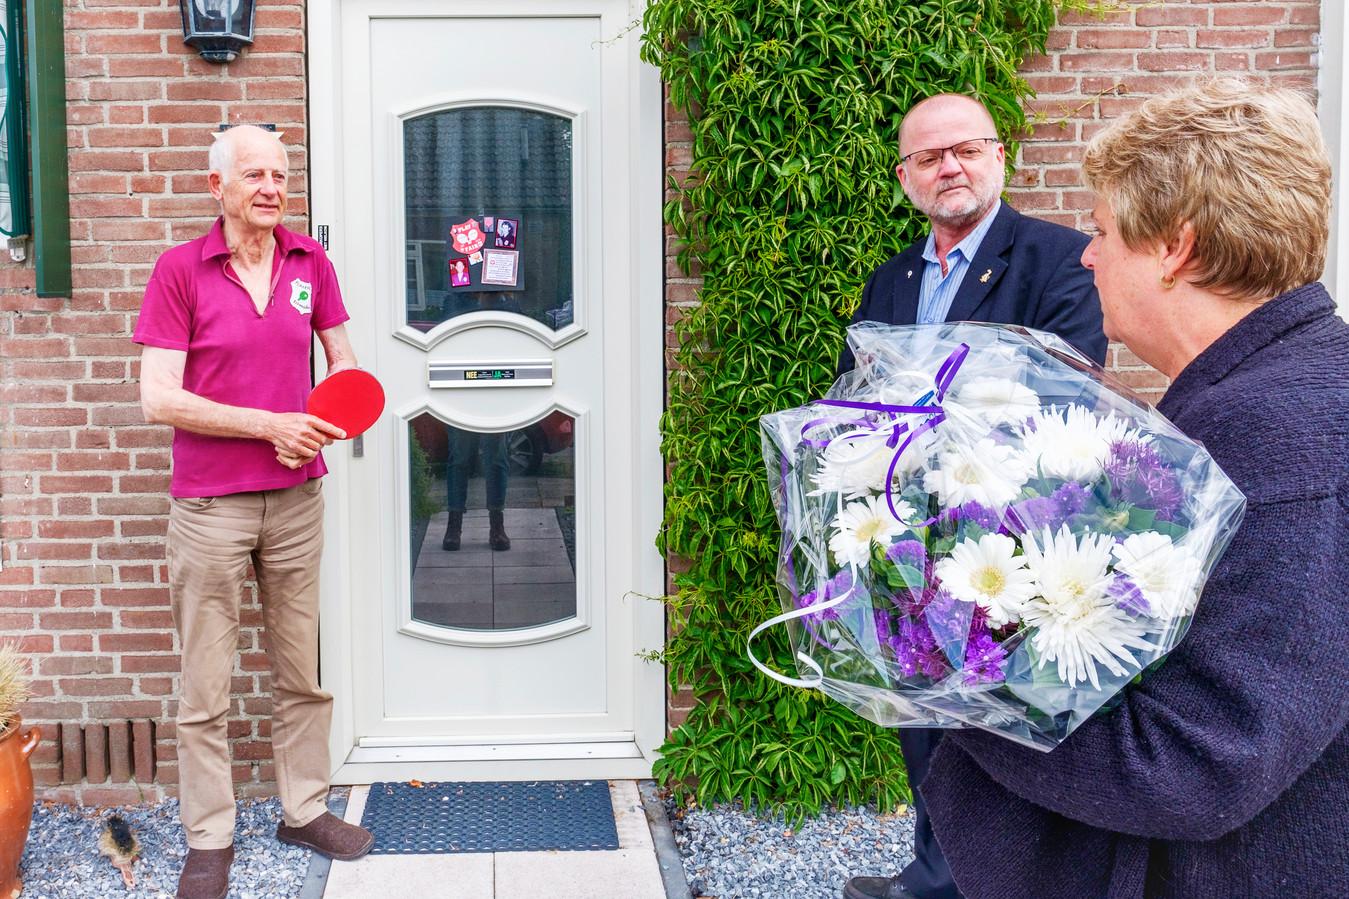 Harry Heuzen (76), links op de foto) is al 60 jaar lid. Hij draagt het shirt van de eerste competitiewedstrijd - hij past het nog. Voorzitter van de jubileumvereniging Piet van Egmond overhandigt een envelop, Laura van de Meer geeft een bos bloemen namens het bestuur.